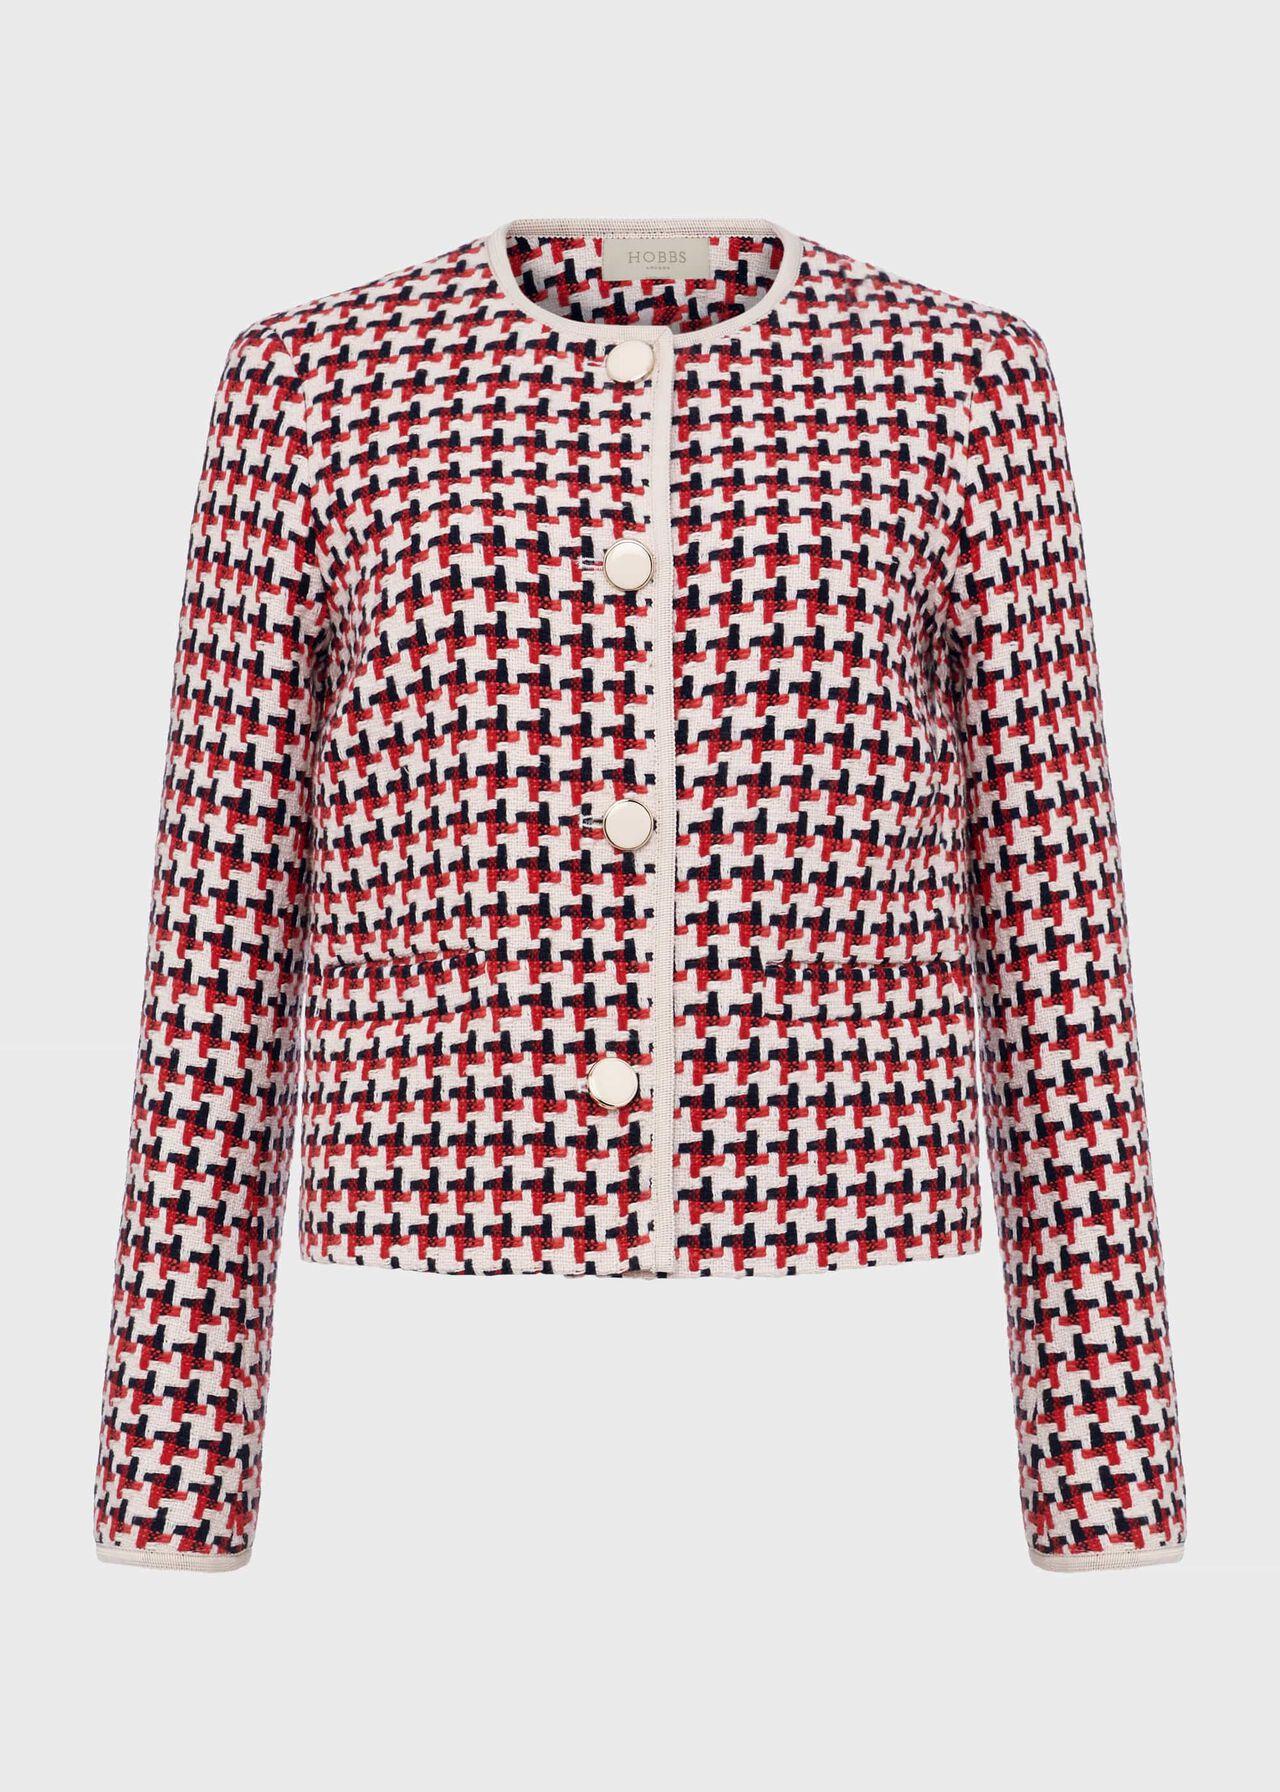 Tafara Tweed Jacket Red Multi